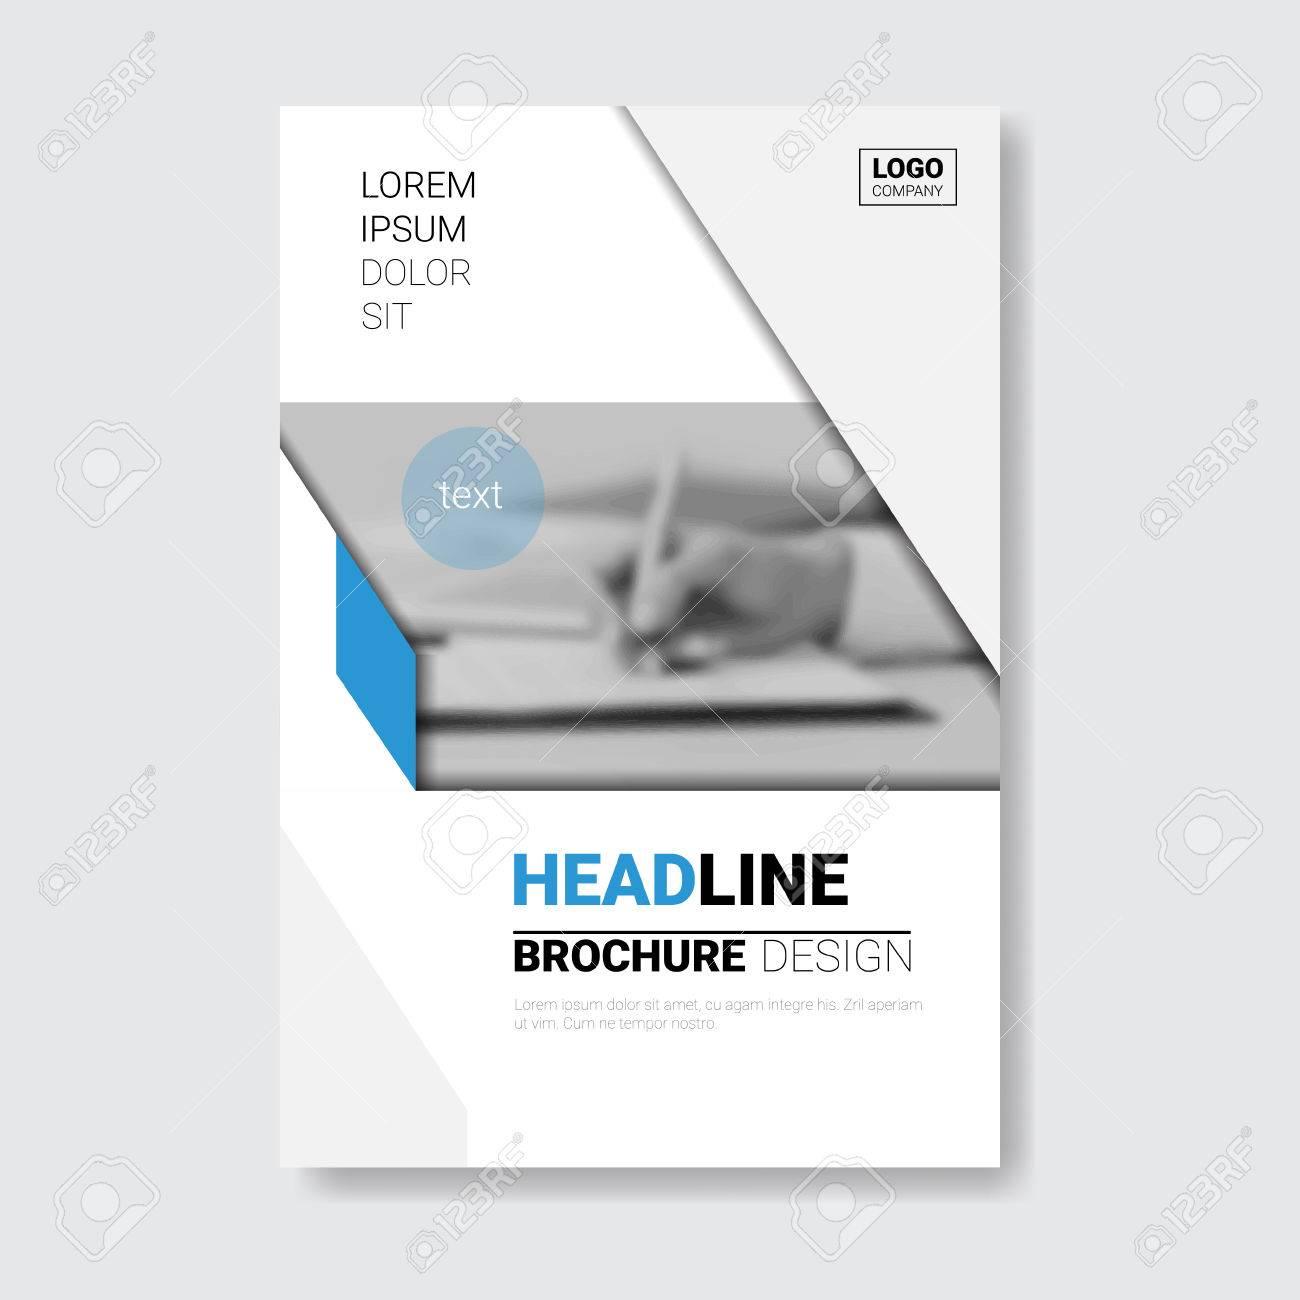 Template Design Brochure Annual Report Magazine Poster Corporate Presentation Portfolio